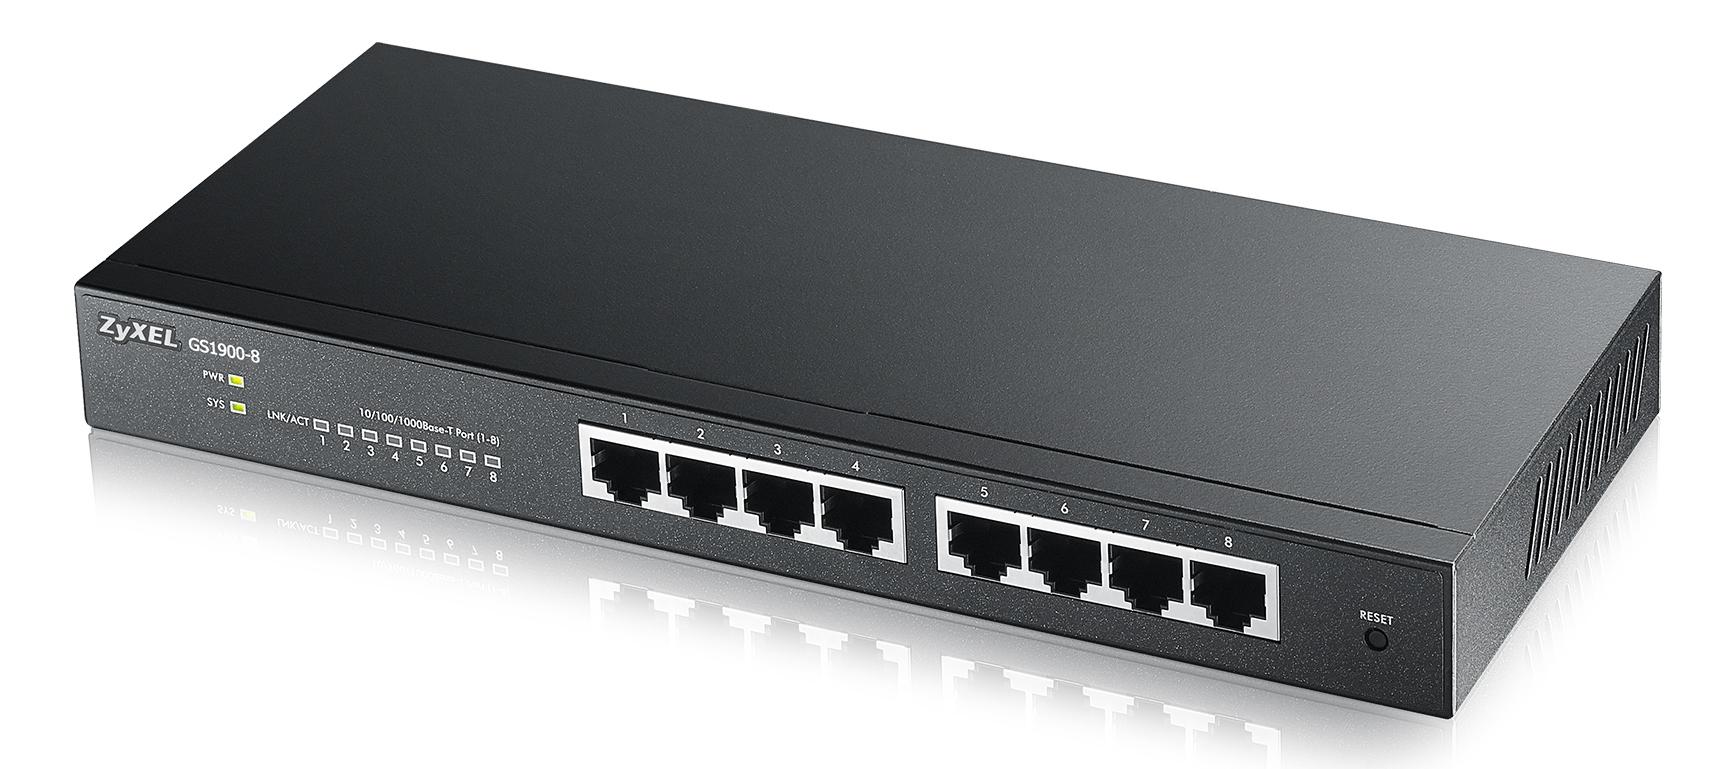 ZyXEL 8xGb IPv6 fanless switch GS1900-8